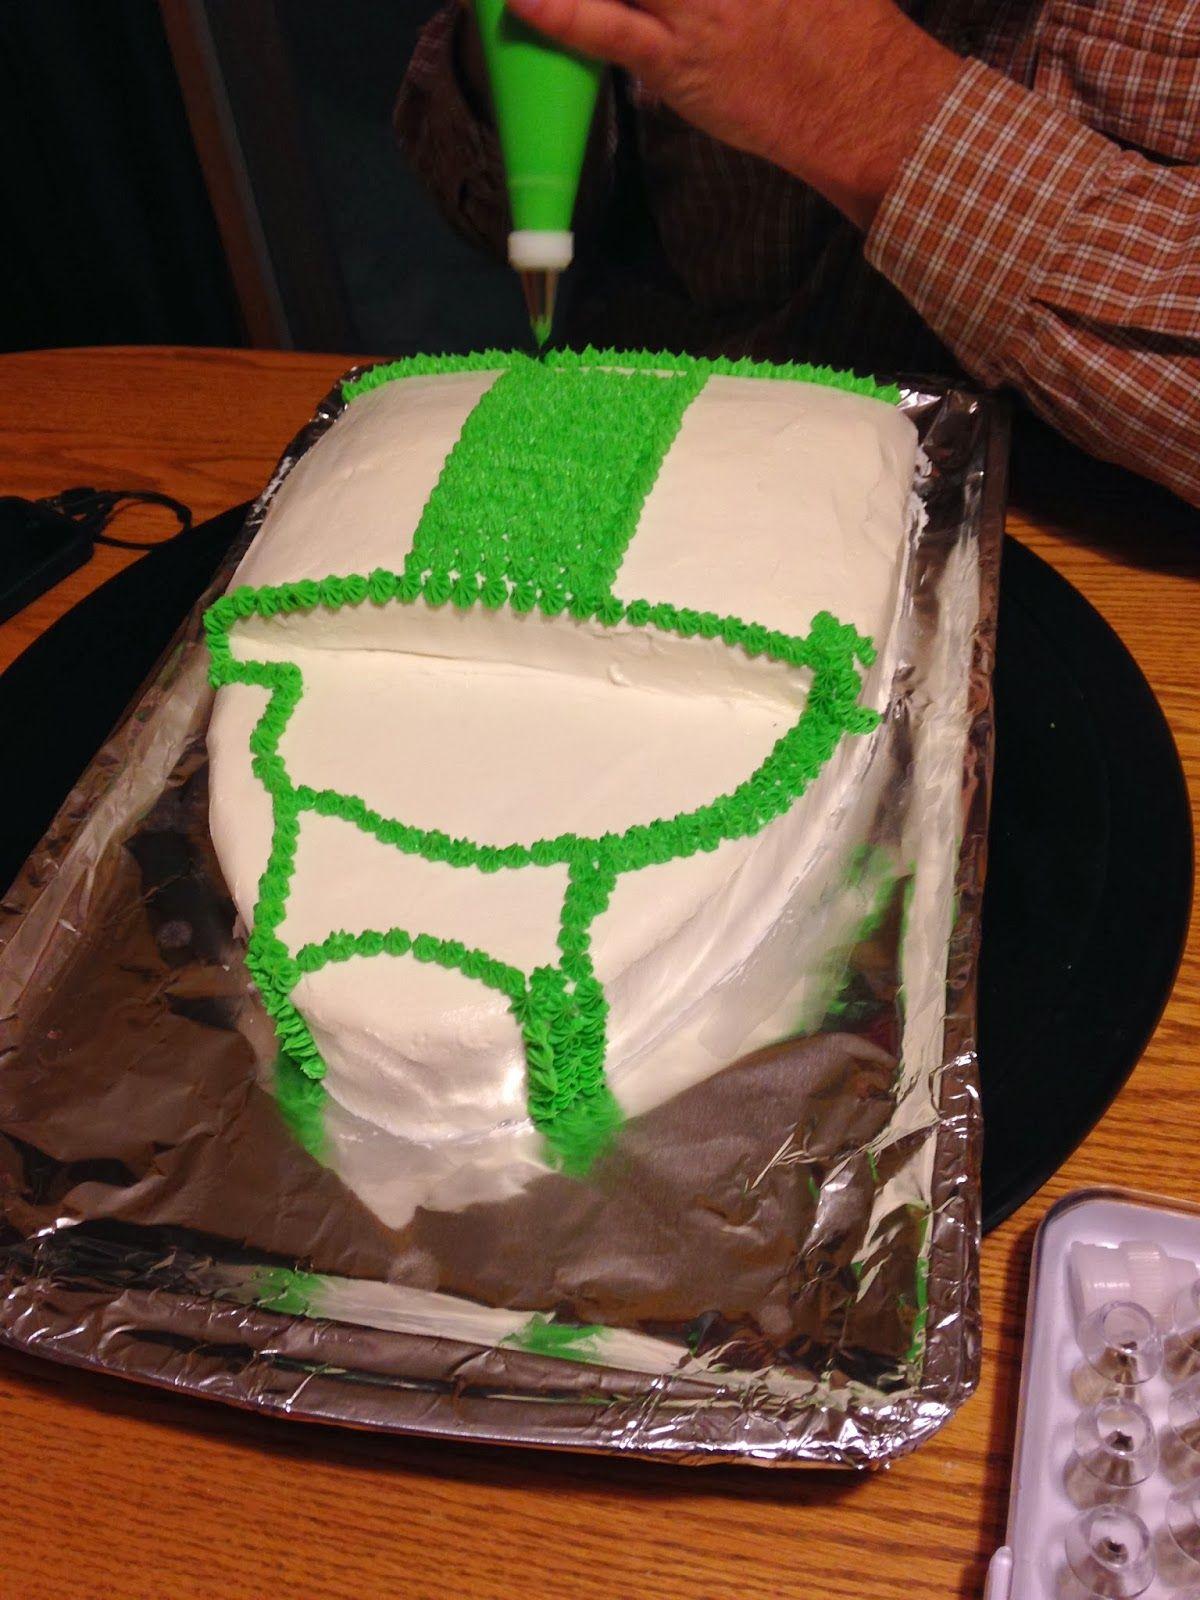 buzz lightyear cake design